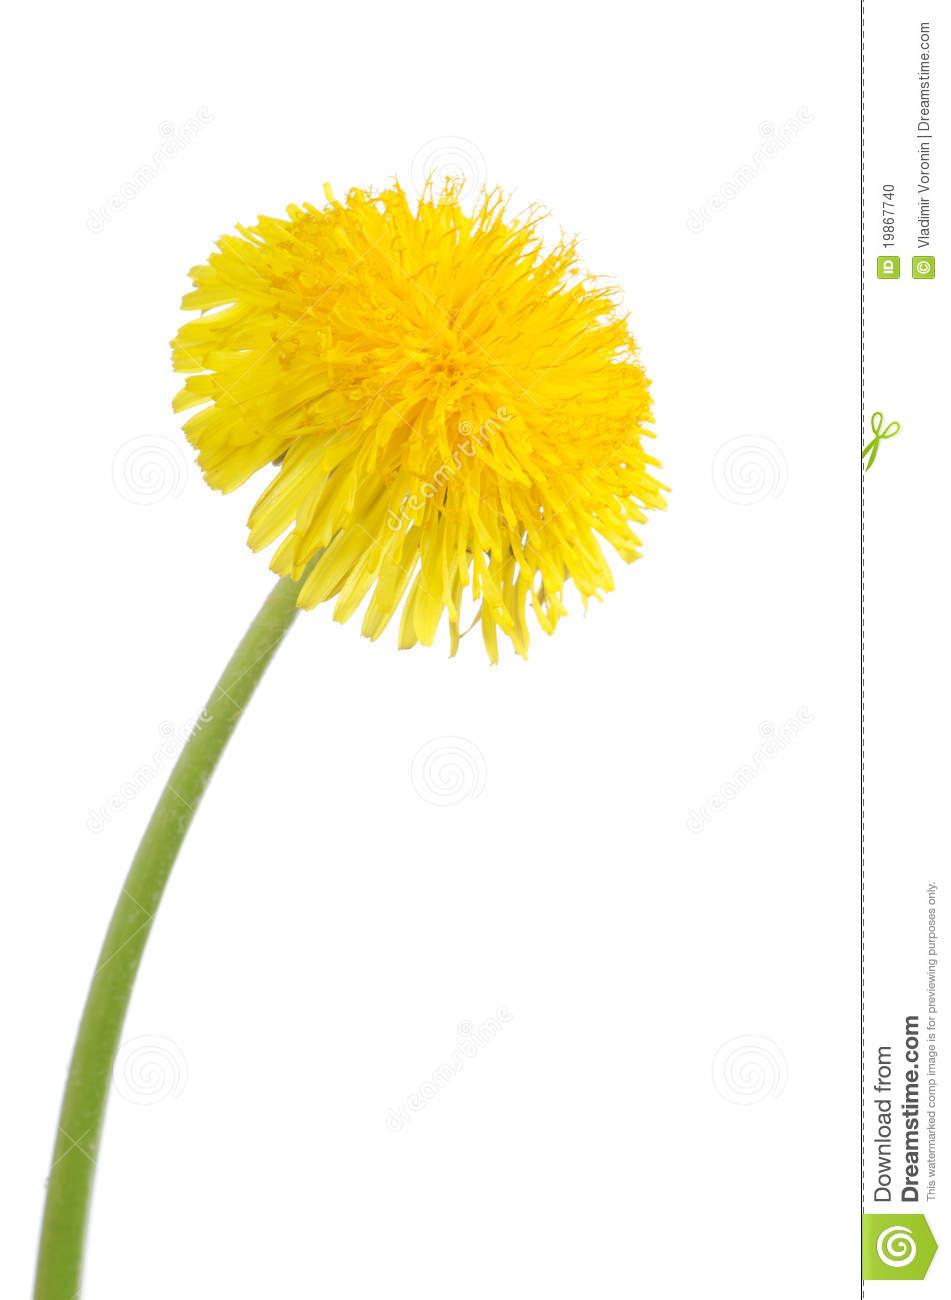 Dandelion clipart Yellow cliparts Dandelion Dandelion Clipart